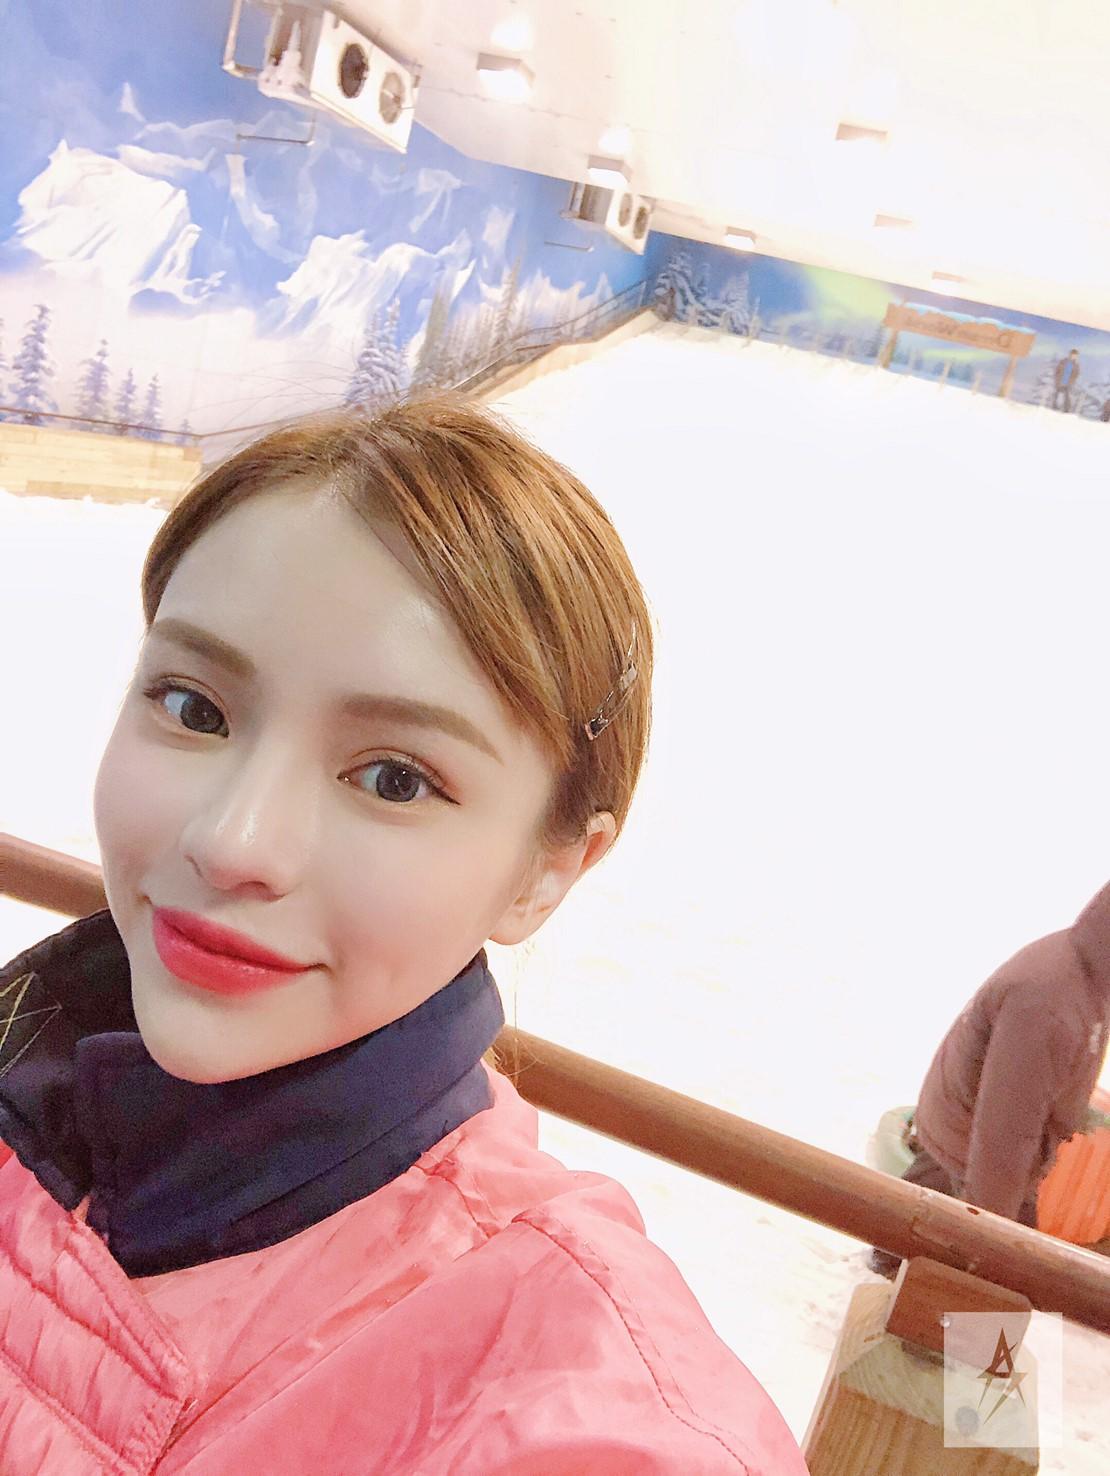 ▲曼谷夢幻世界樂園裡的滑雪場,讓陳斯亞印象非常深刻。